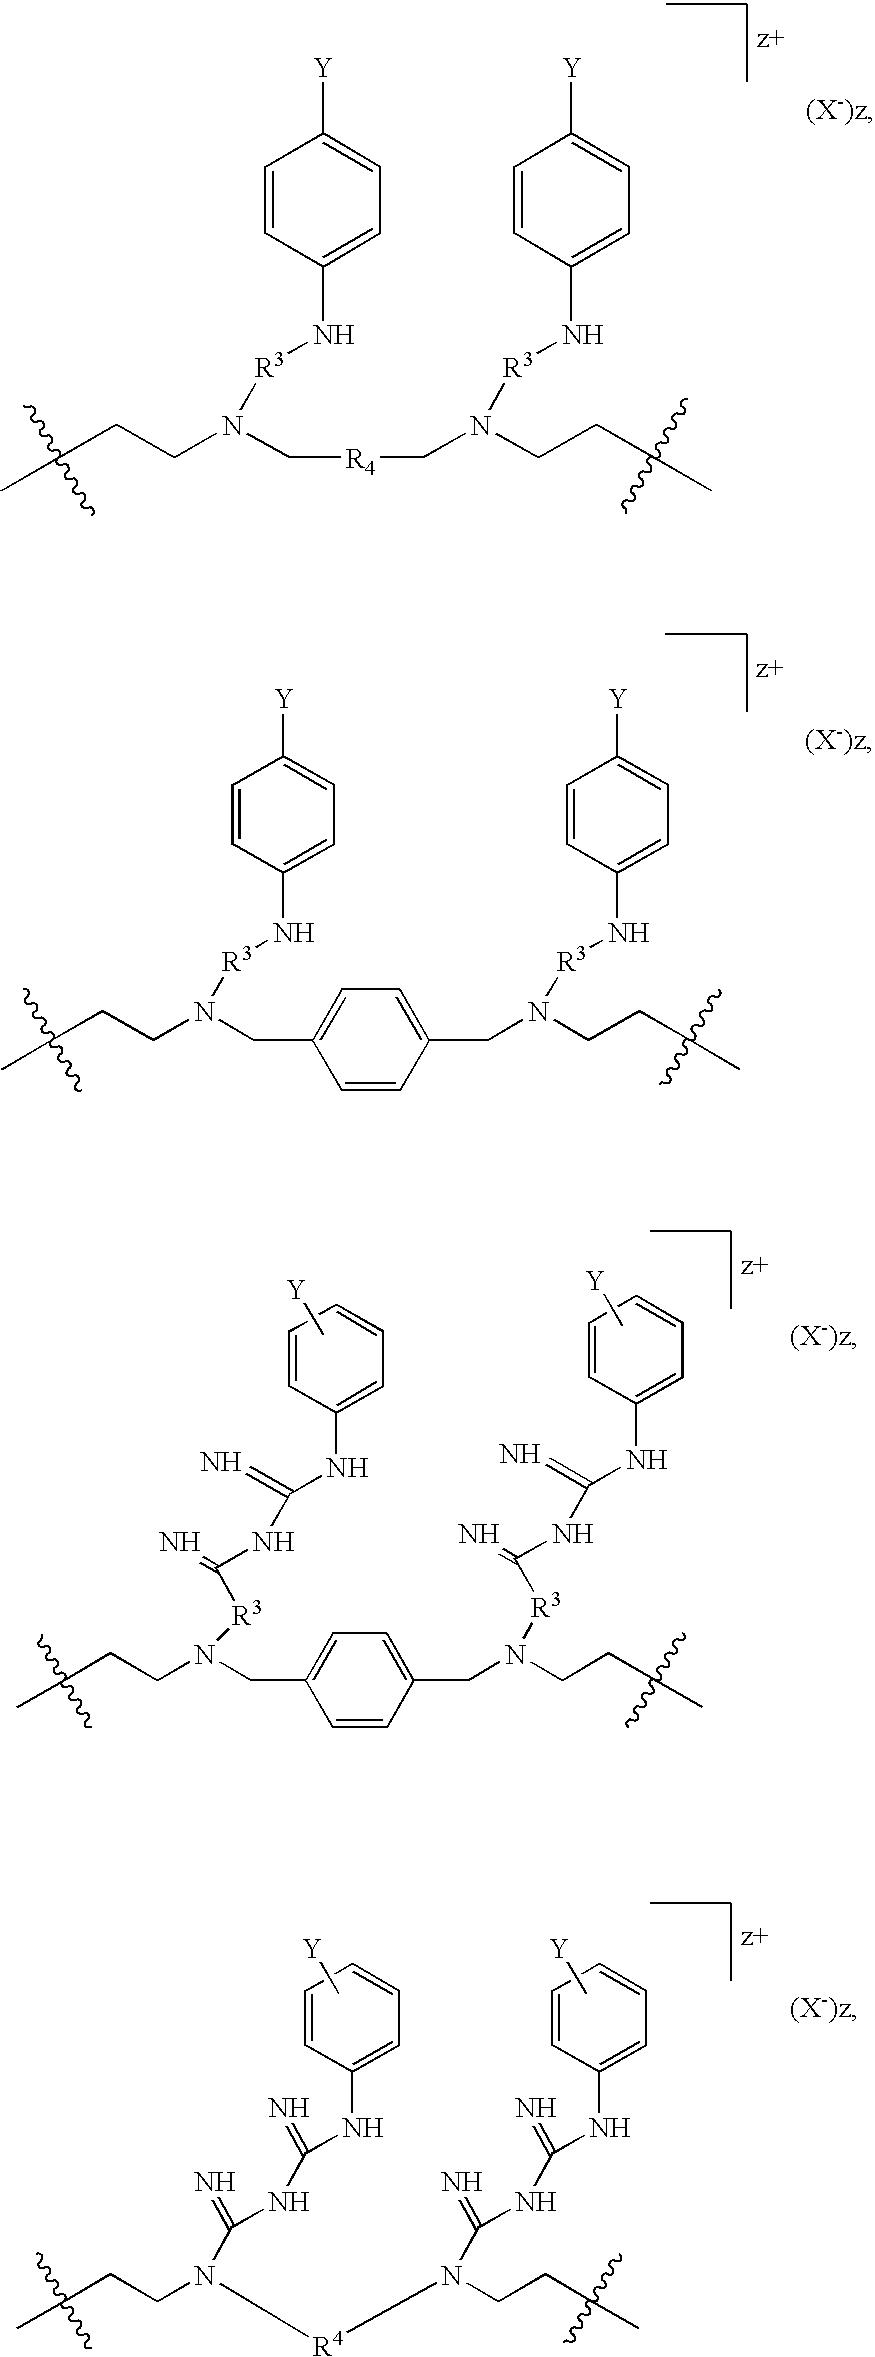 Figure US20090074833A1-20090319-C00005